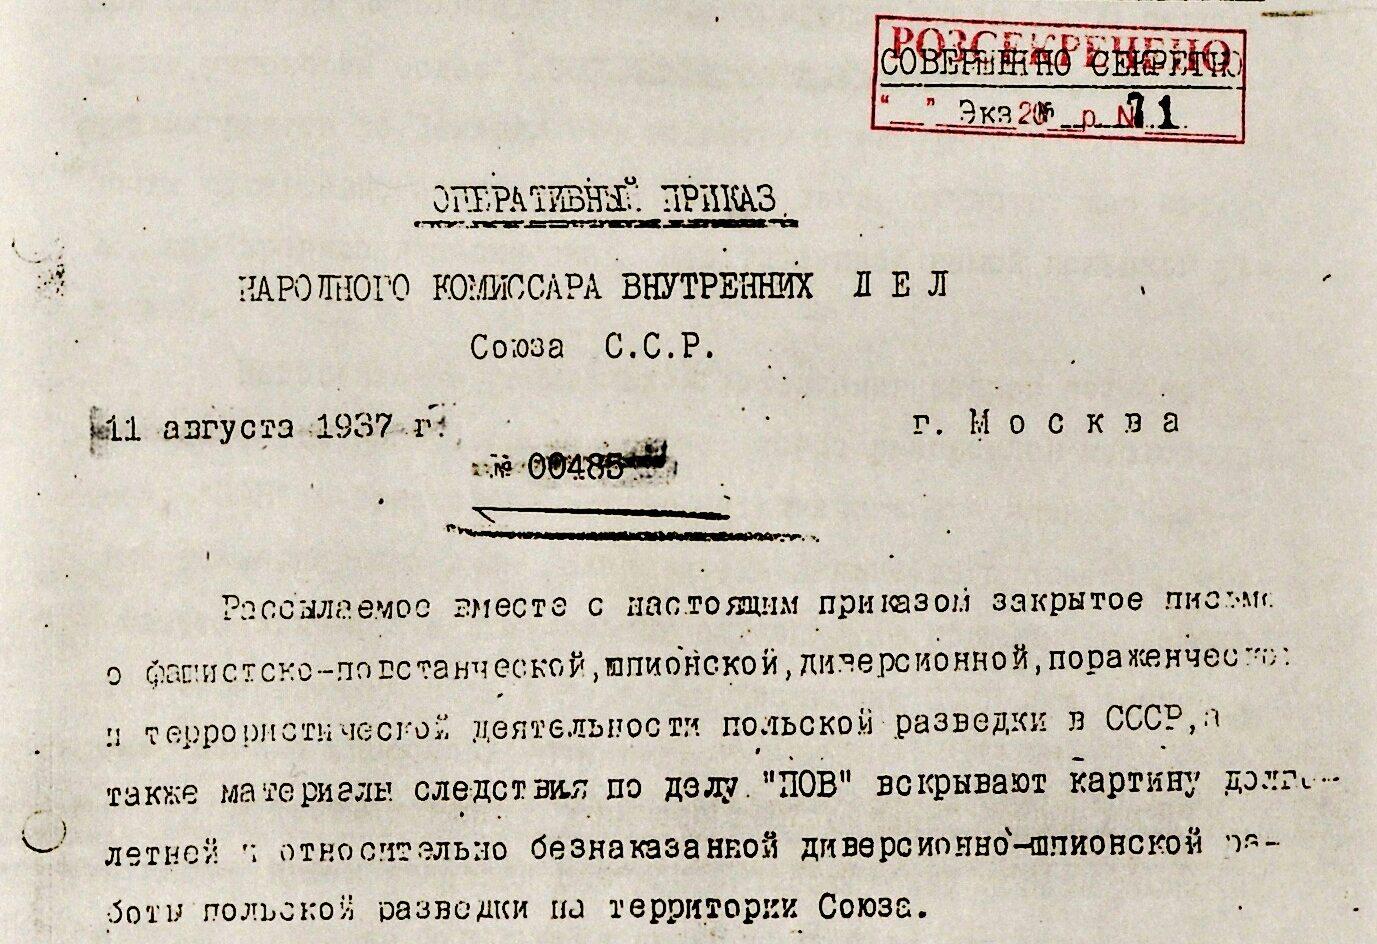 Pierwsza strona kopii rozkazu nr 00485 otrzymanej przez oddział NKWD w Charkowie